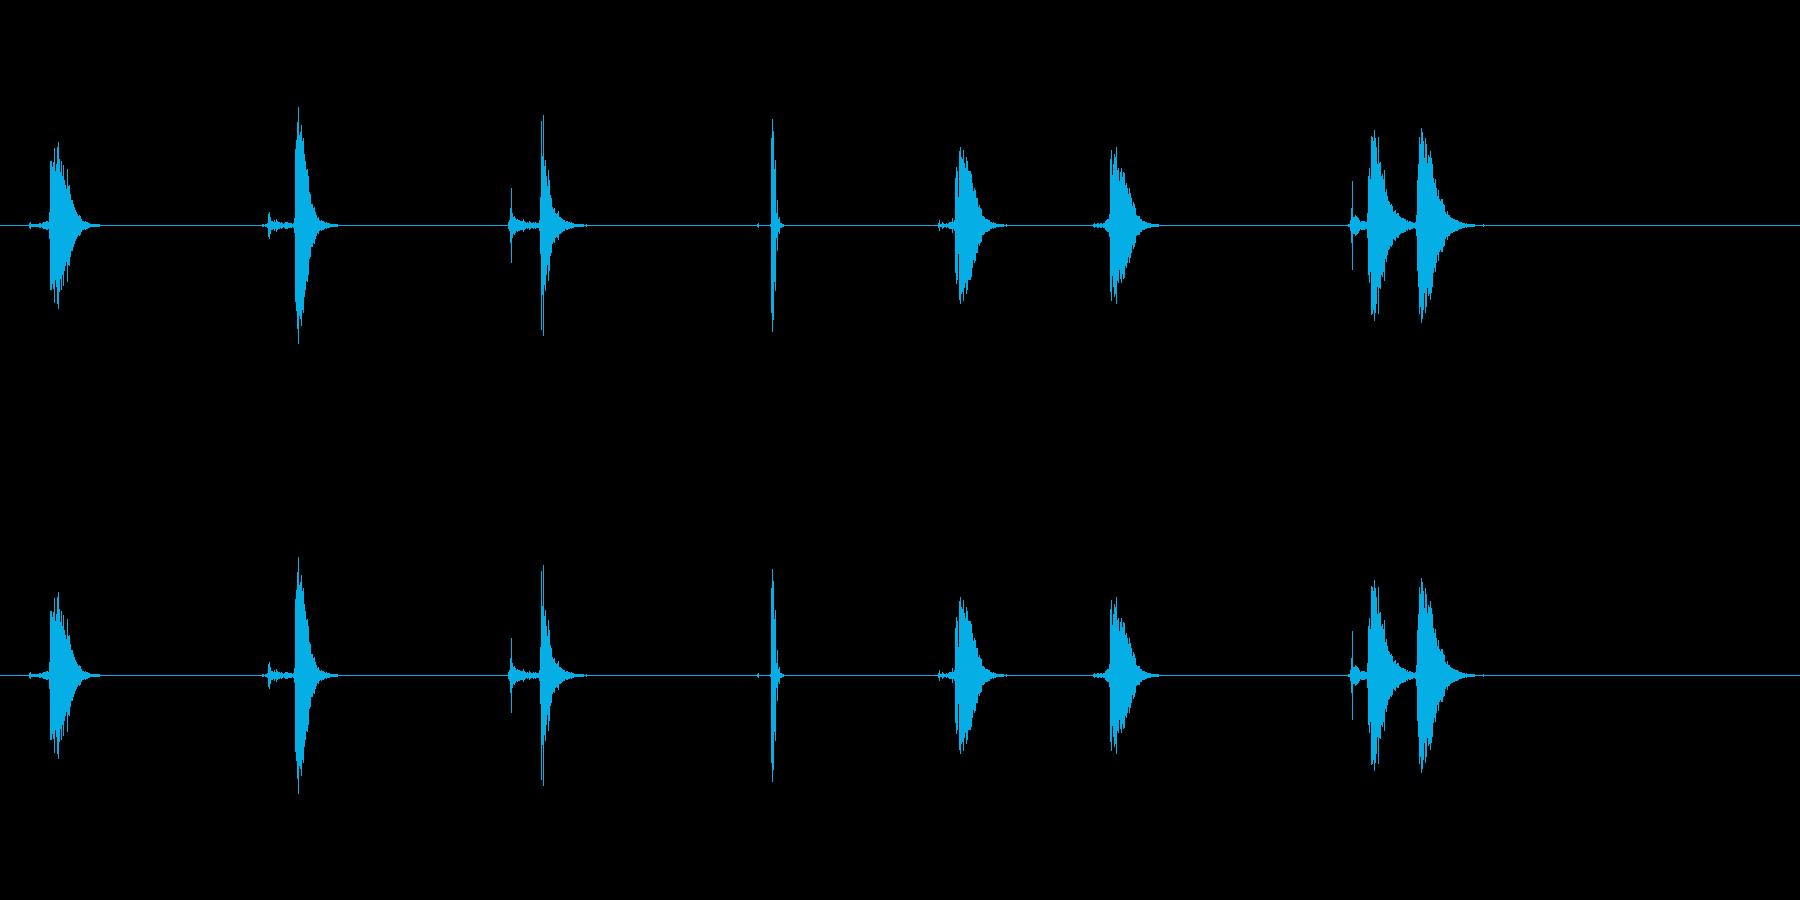 ハートビート58 Bpmの再生済みの波形